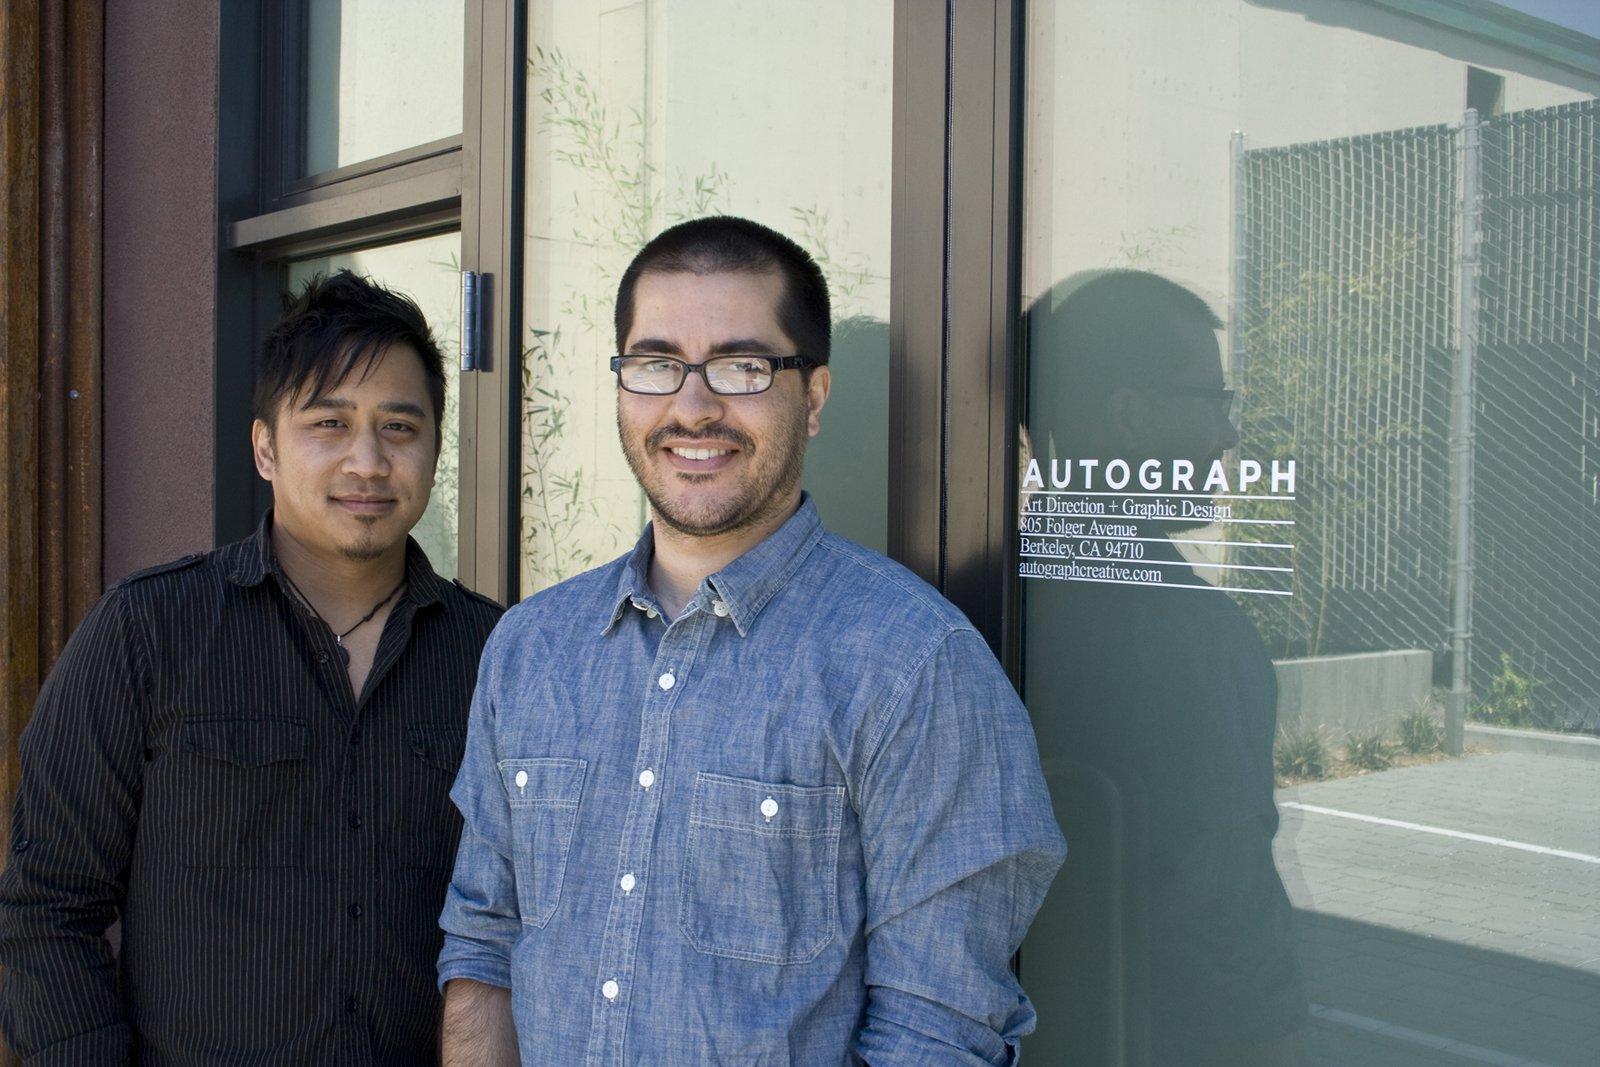 Donerik Dela Cruz (left) and Aaron Pou (right), co-principals and creative directors of Autograph  Photo 3 of 10 in Q&A with Autograph Creative Directors